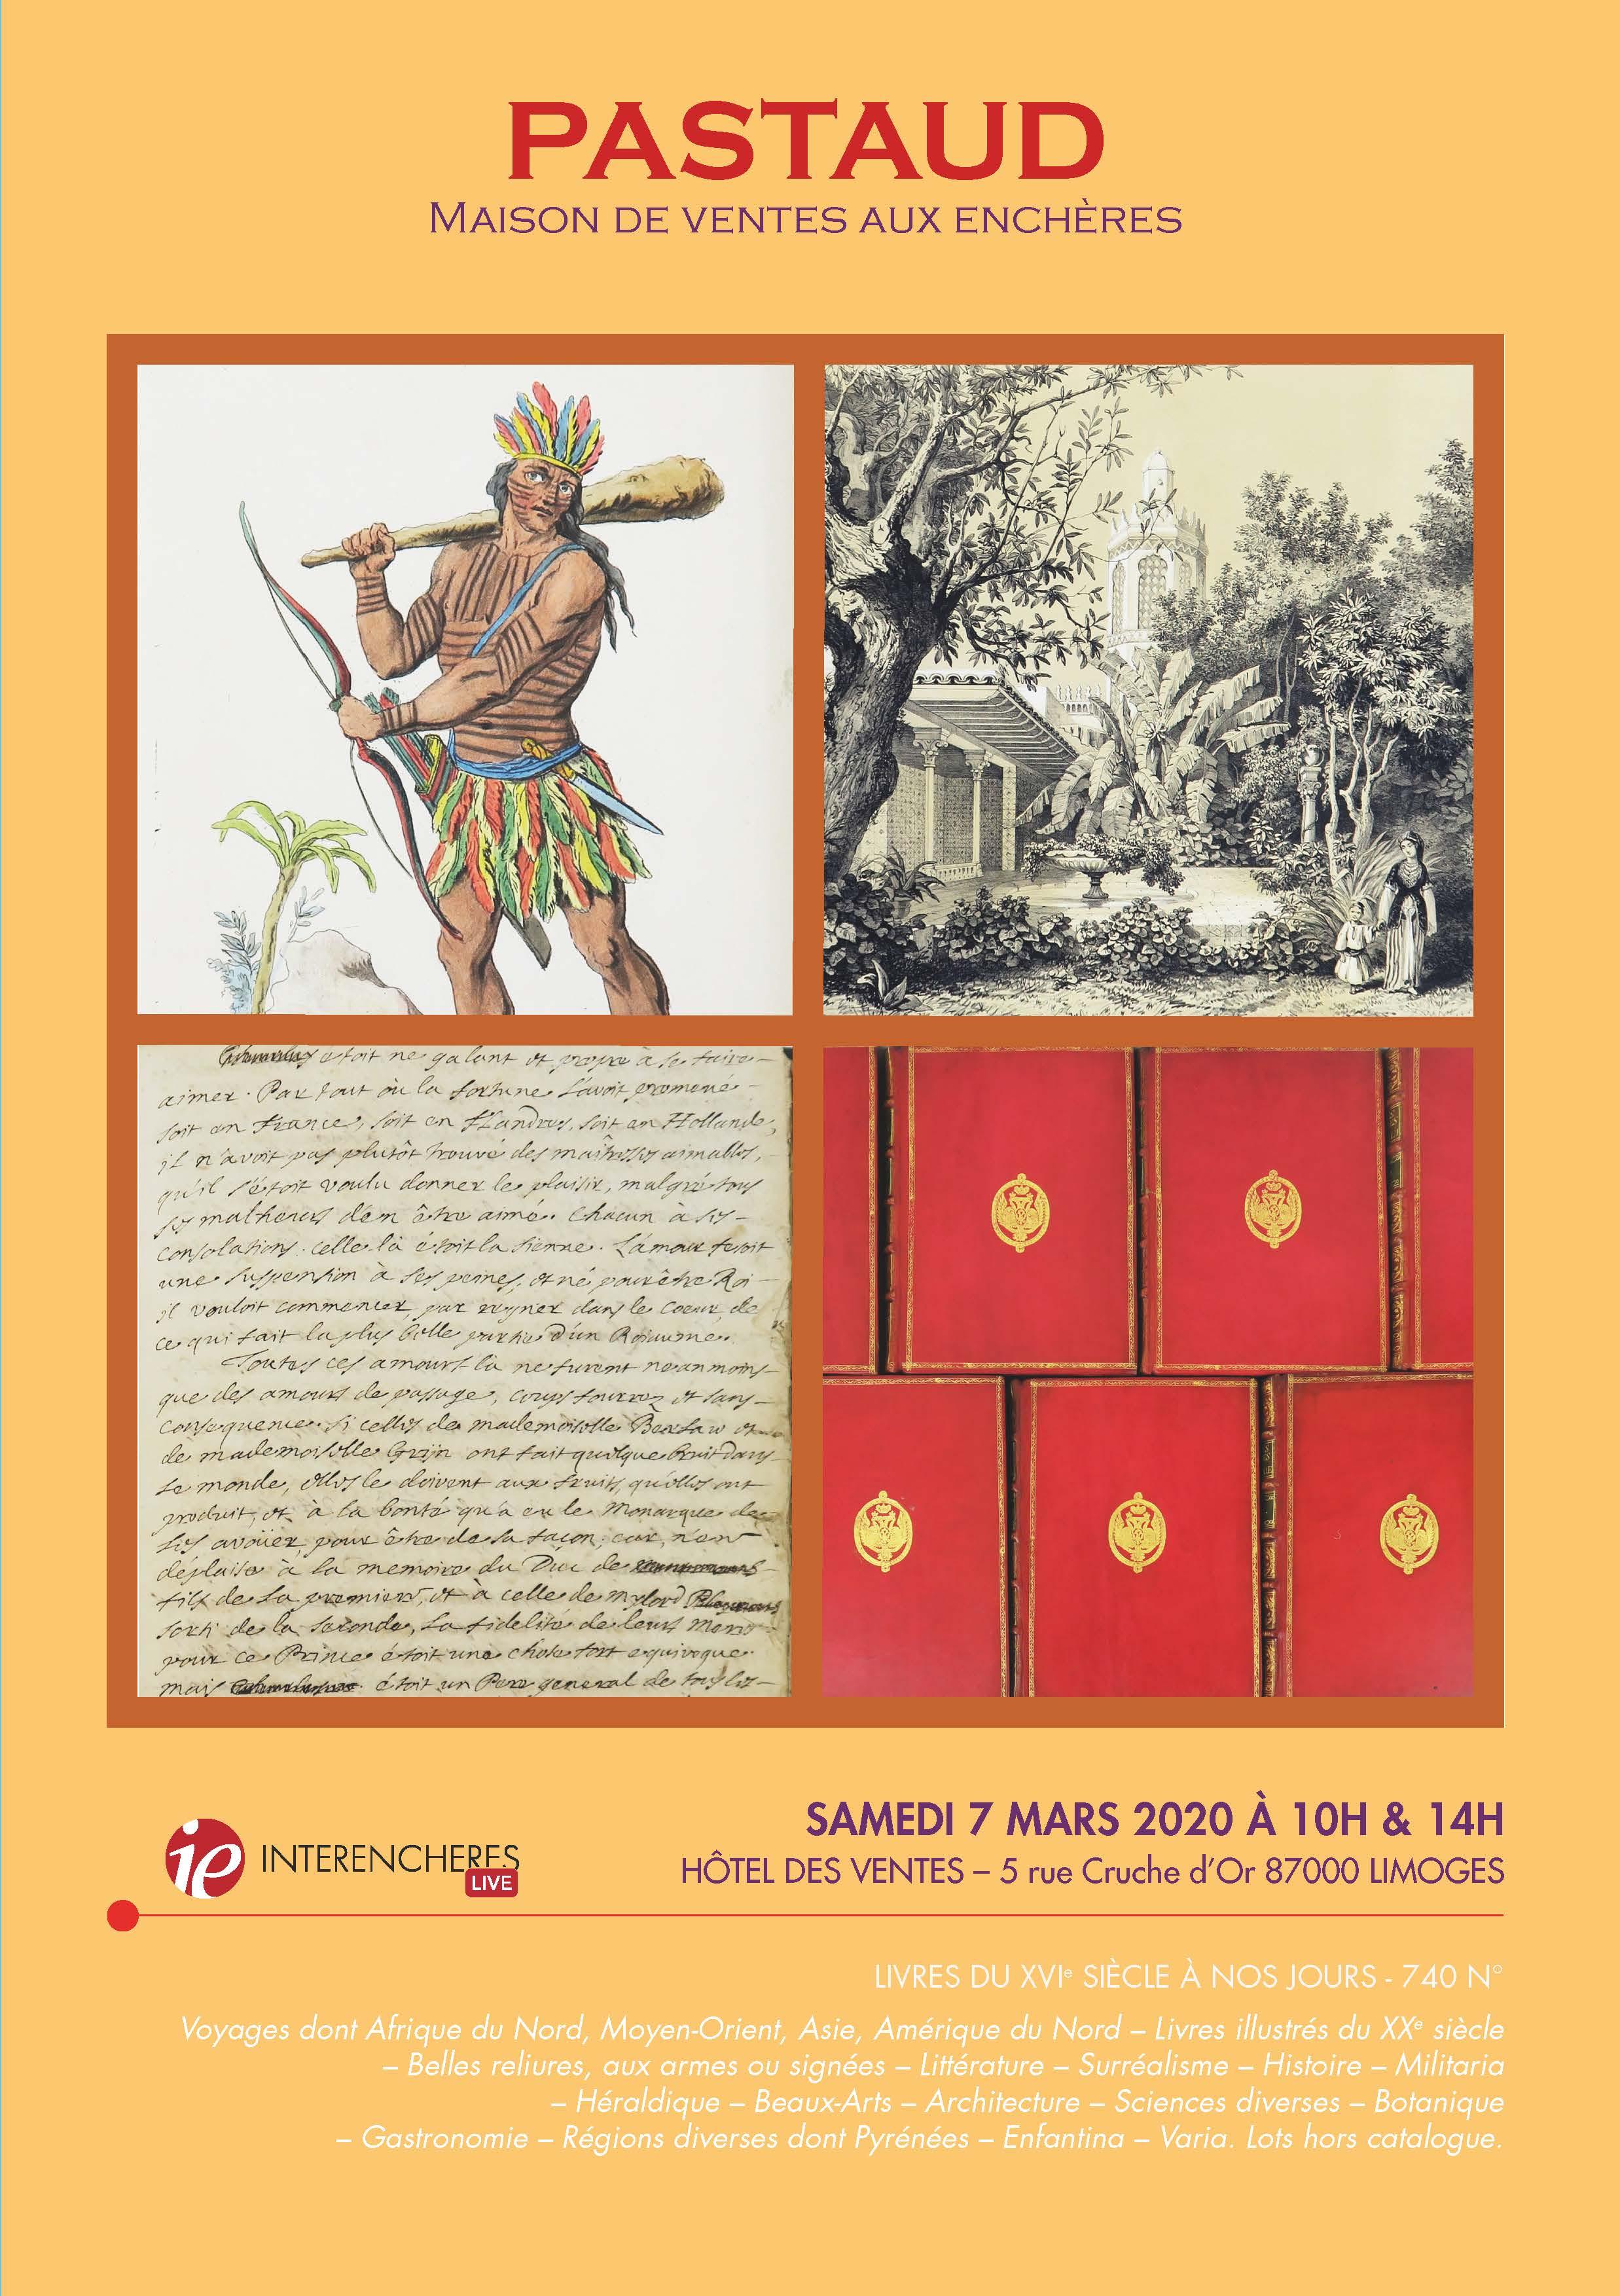 Vente Livres du XVIe siècle à nos jours chez PASTAUD Maison de Ventes aux Enchères : 740 lots